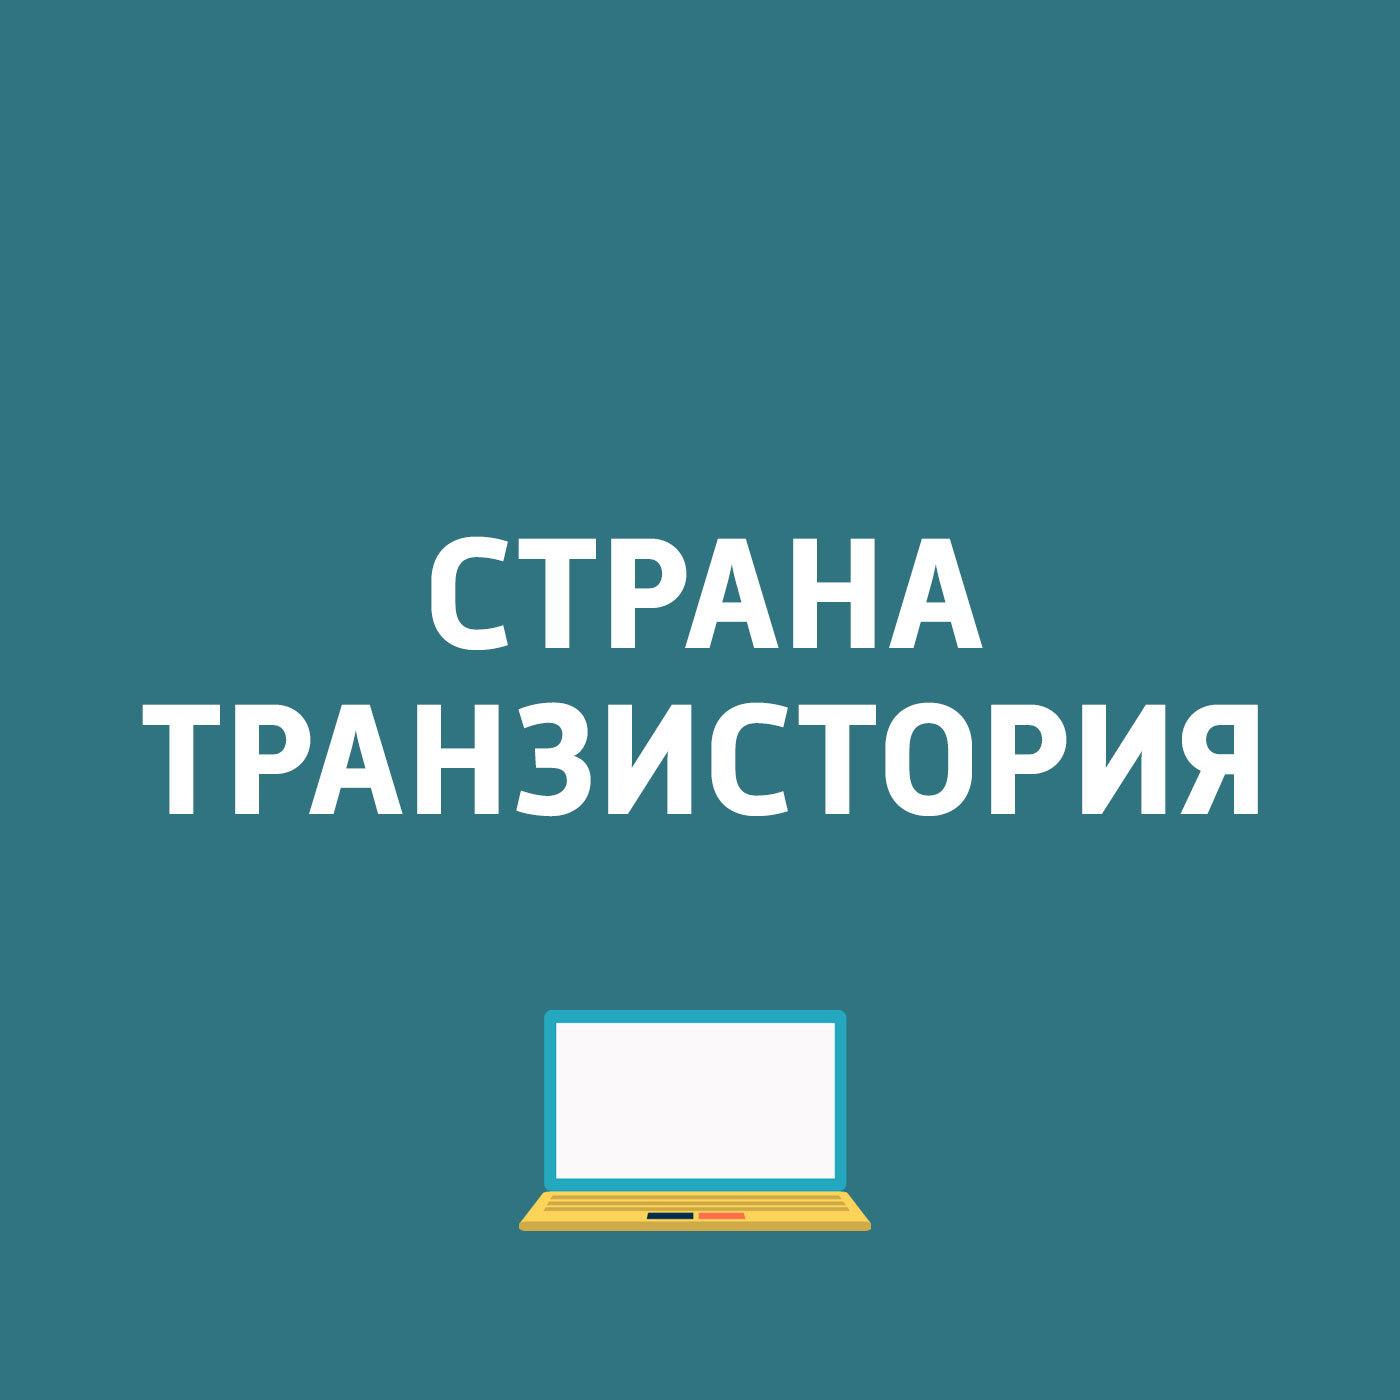 Картаев Павел Чайки играют в «Наперстки, люди в 3015 году, торт с пожарным картаев павел в конце сентября в москве продет очередной игромир и comic con russia